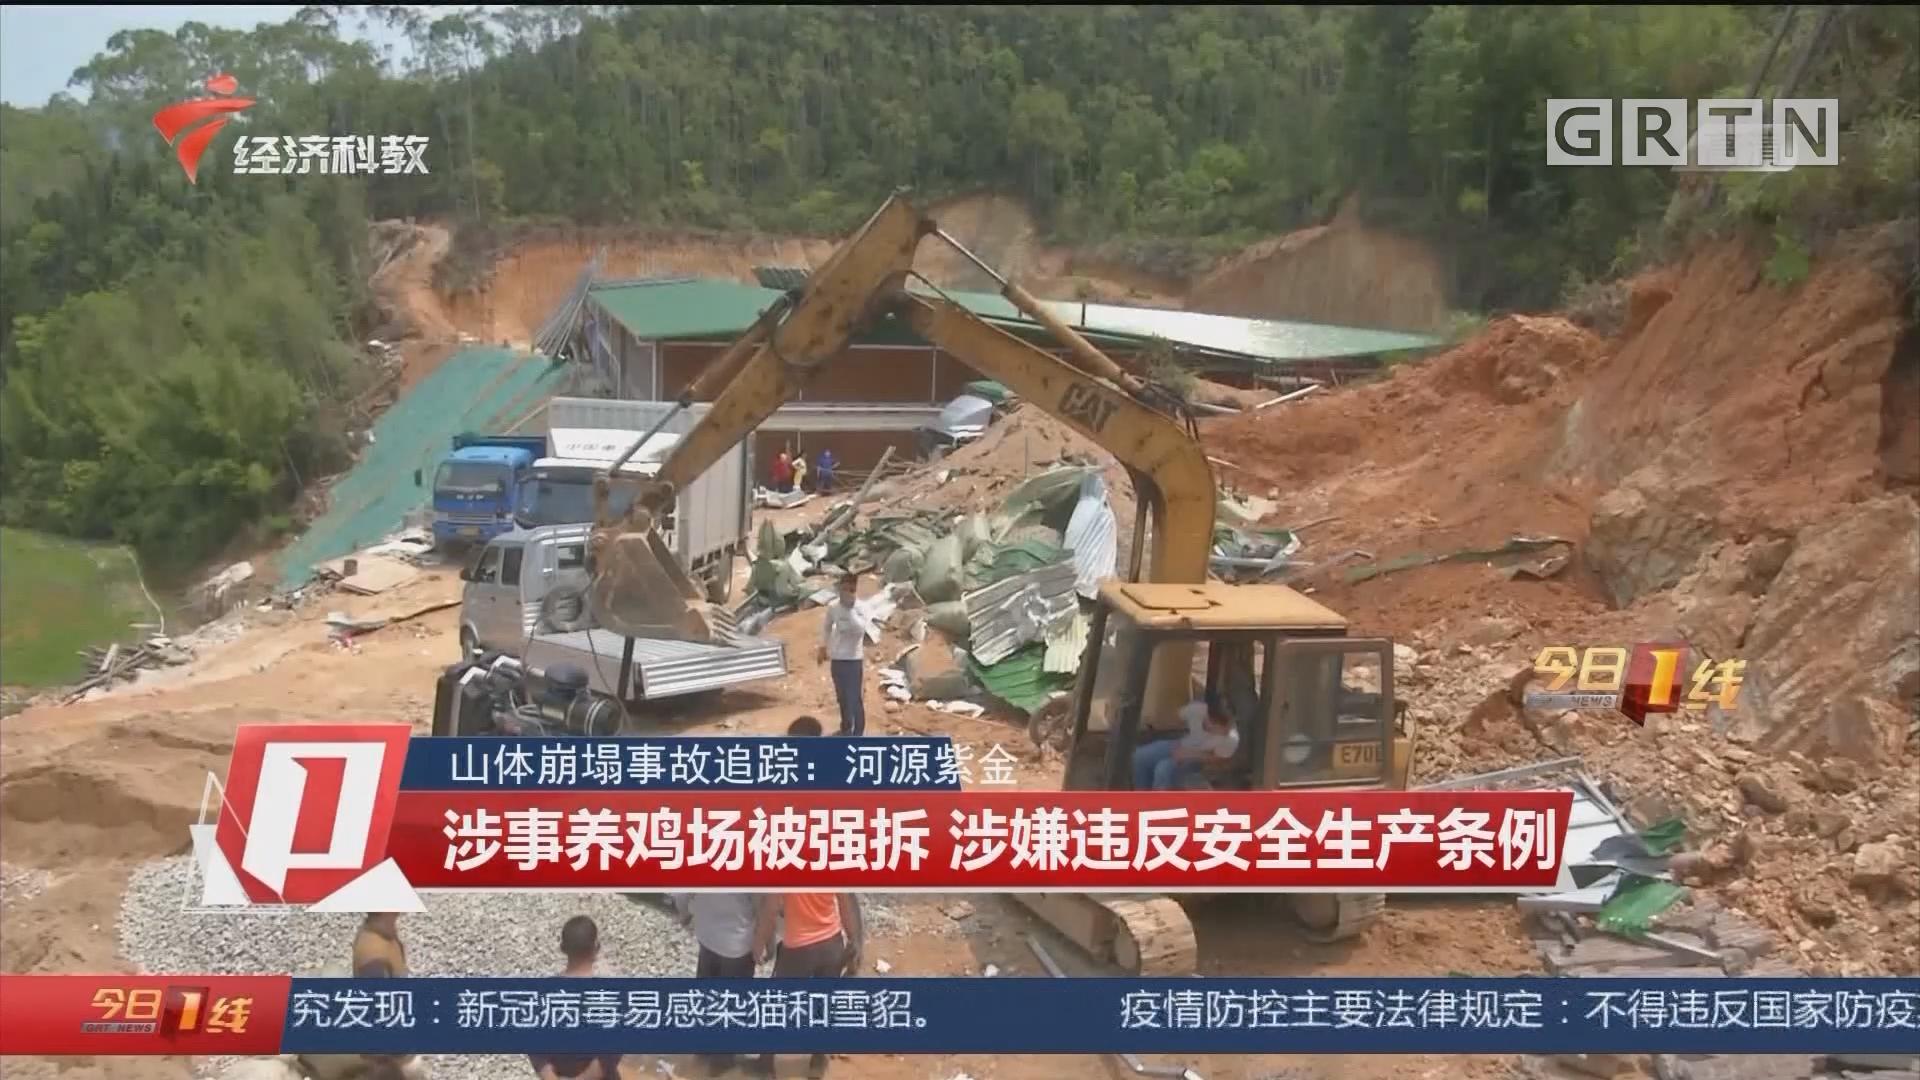 山体崩塌事故追踪:河源紫金 涉事养鸡场被强拆 涉嫌违反安全生产条例